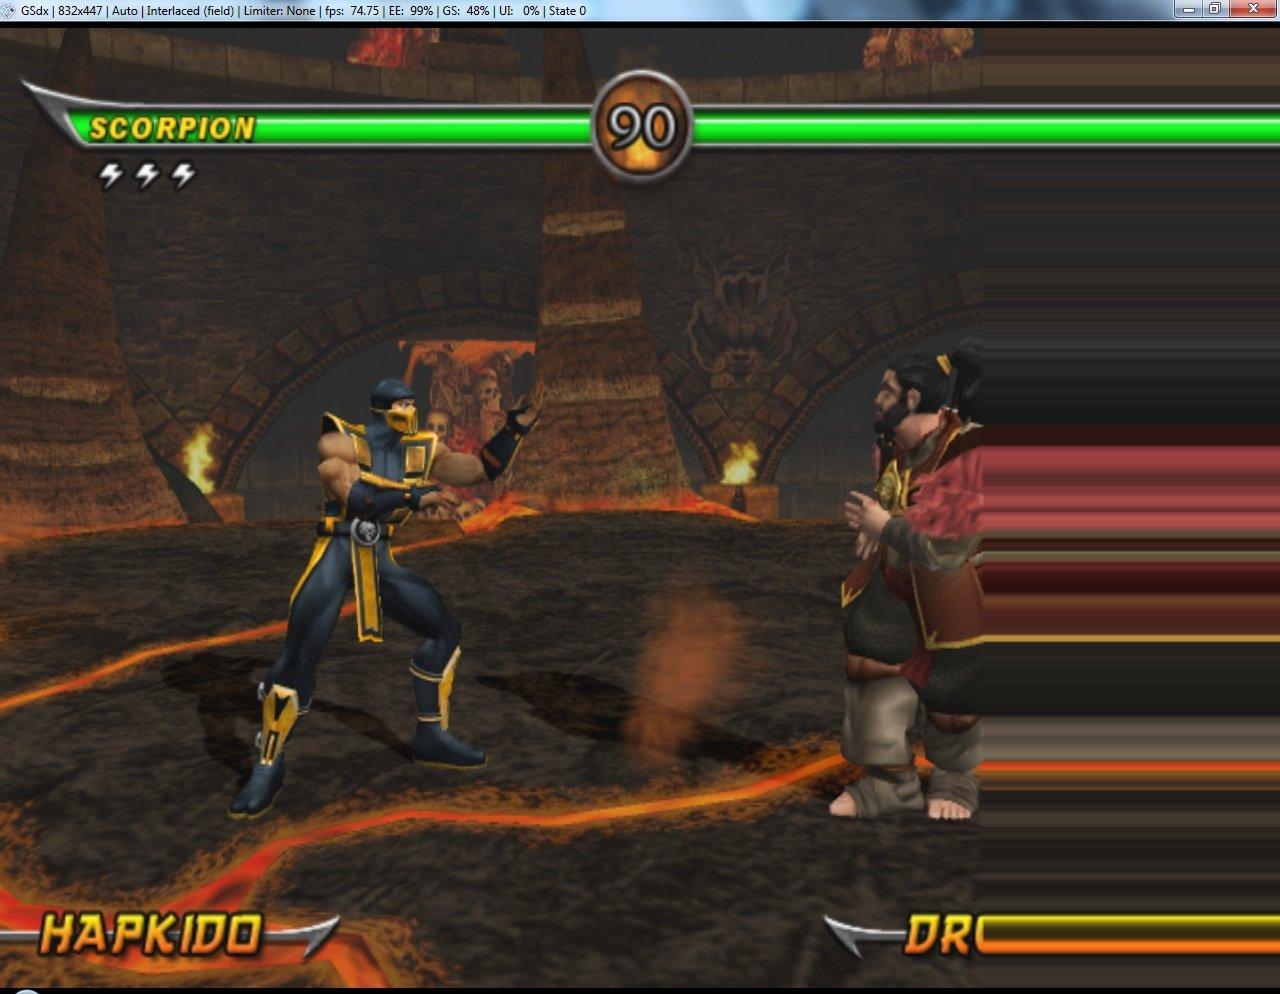 Mortal Kombat: Armageddon - PCSX2 Wiki